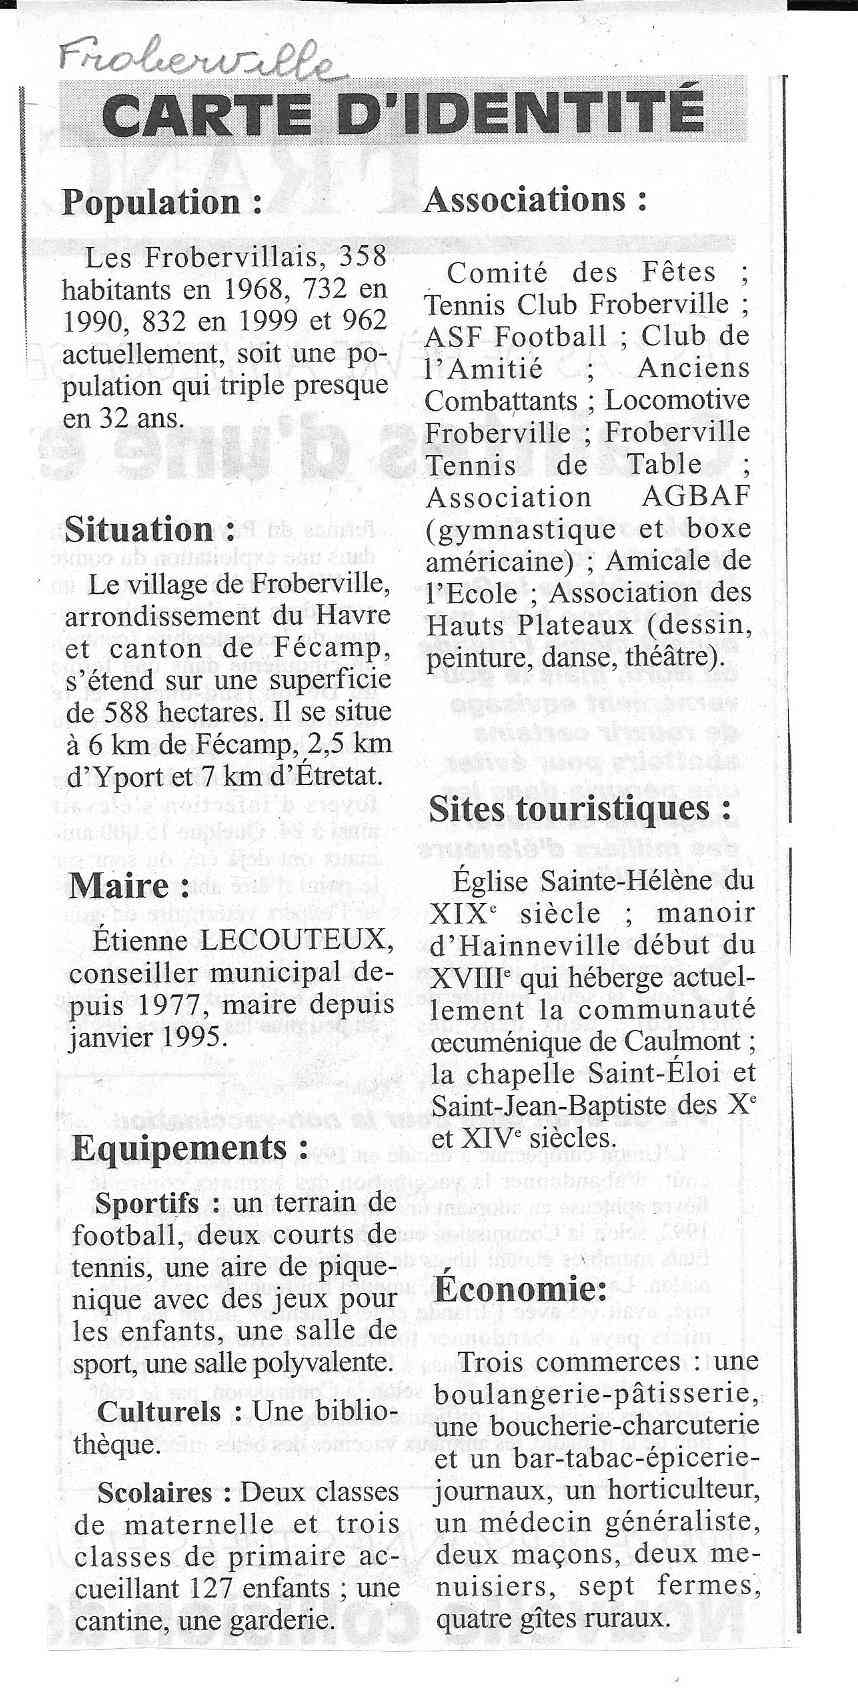 Histoire des communes - Froberville 326